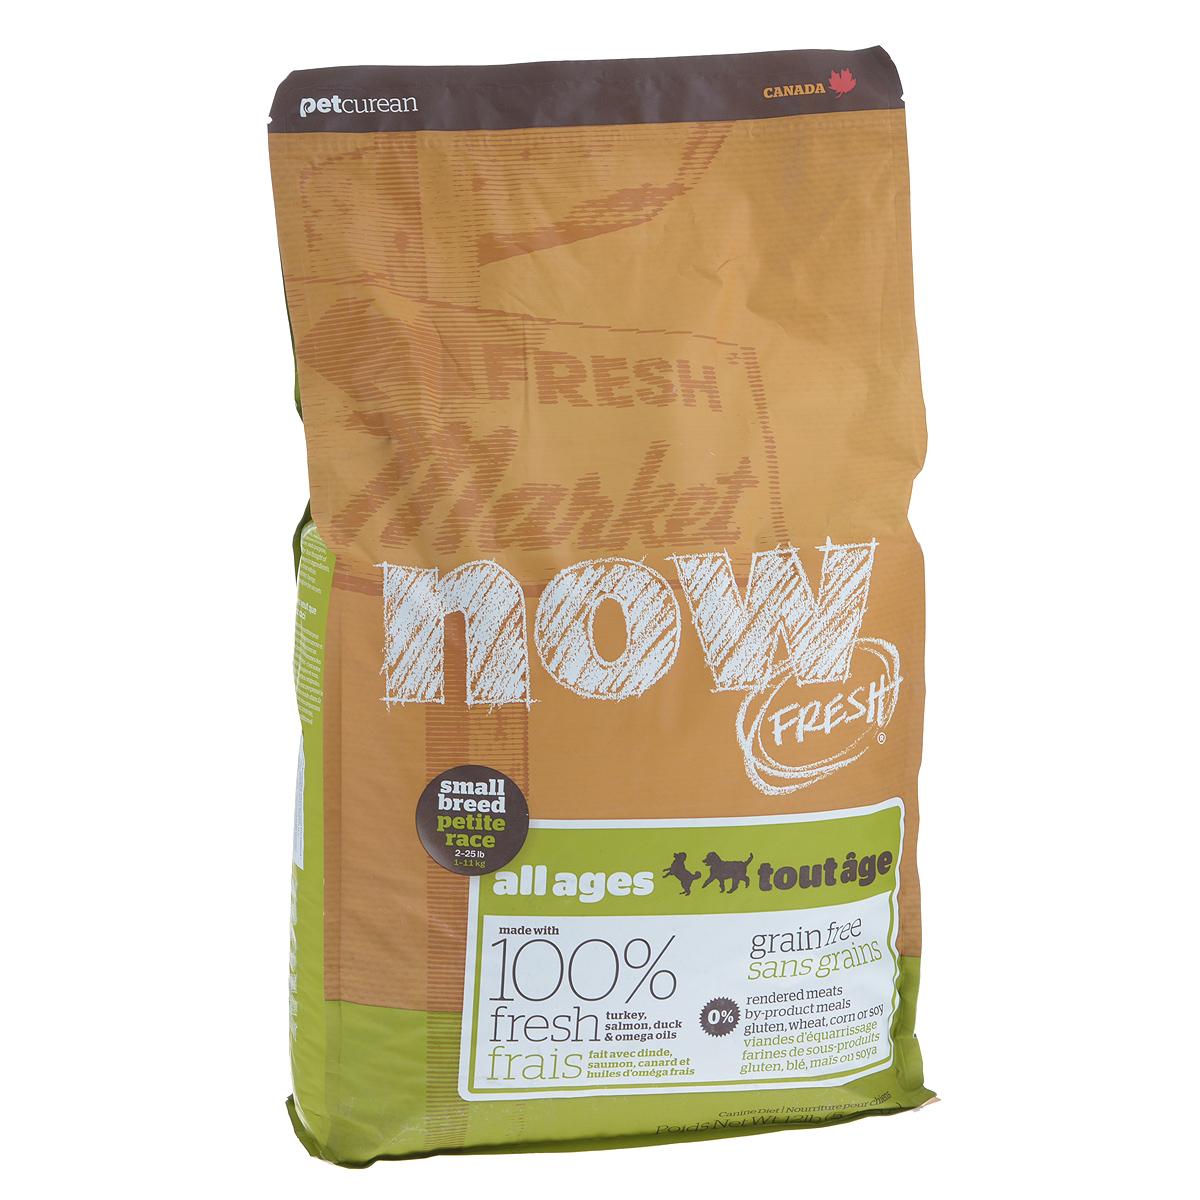 Корм сухой Now Fresh для малых пород собак всех возрастов, беззерновой, с индейкой, уткой и овощами, 5,44 кг10118Now Fresh - полностью сбалансированный холистик корм из свежего филе индейки и утки, выращенных на канадских фермах. Рекомендован для малых пород всех возрастов: для щенков, для взрослых и для активных собак, и для пожилых собак. Это первый беззерновой корм со сбалансированным содержание белков и жиров. Ключевые преимущества: - не содержит субпродуктов, красителей, говядины, мясных ингредиентов, выращенных на гормонах, - гранулы благодаря своей форме бережно очищают зубы, люцерна в составе корма освежает дыхание, - пробиотики и пребиотики обеспечивают здоровое пищеварение, - маленький размер гранул способствует лучшему захвату корма, - докозагексаеновая кислота (DHA) и эйкозапентаеновая кислота (EPA) необходима для нормальной деятельности мозга и здорового зрения, - омега-масла в составе необходимы для здоровой кожи и шерсти, - антиоксиданты укрепляют иммунную систему. Состав: филе индейки, картофель, свежие...